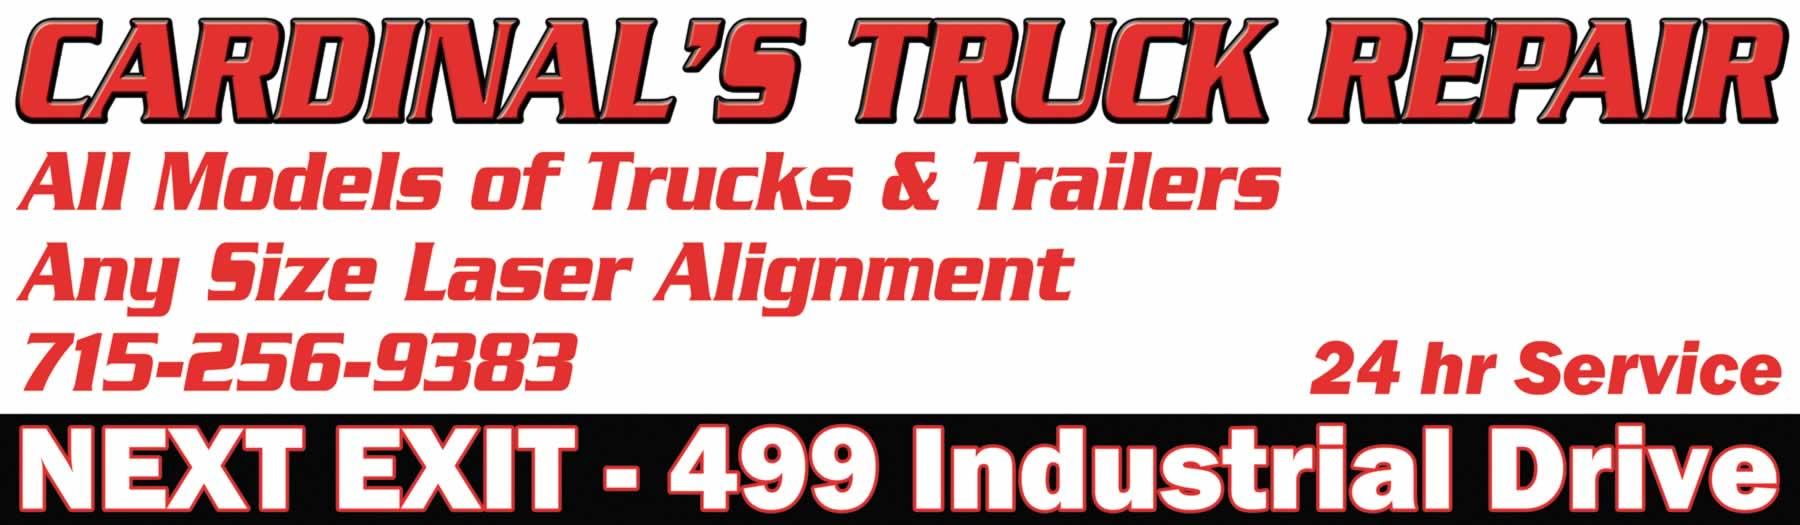 Cardinal's Truck Repair